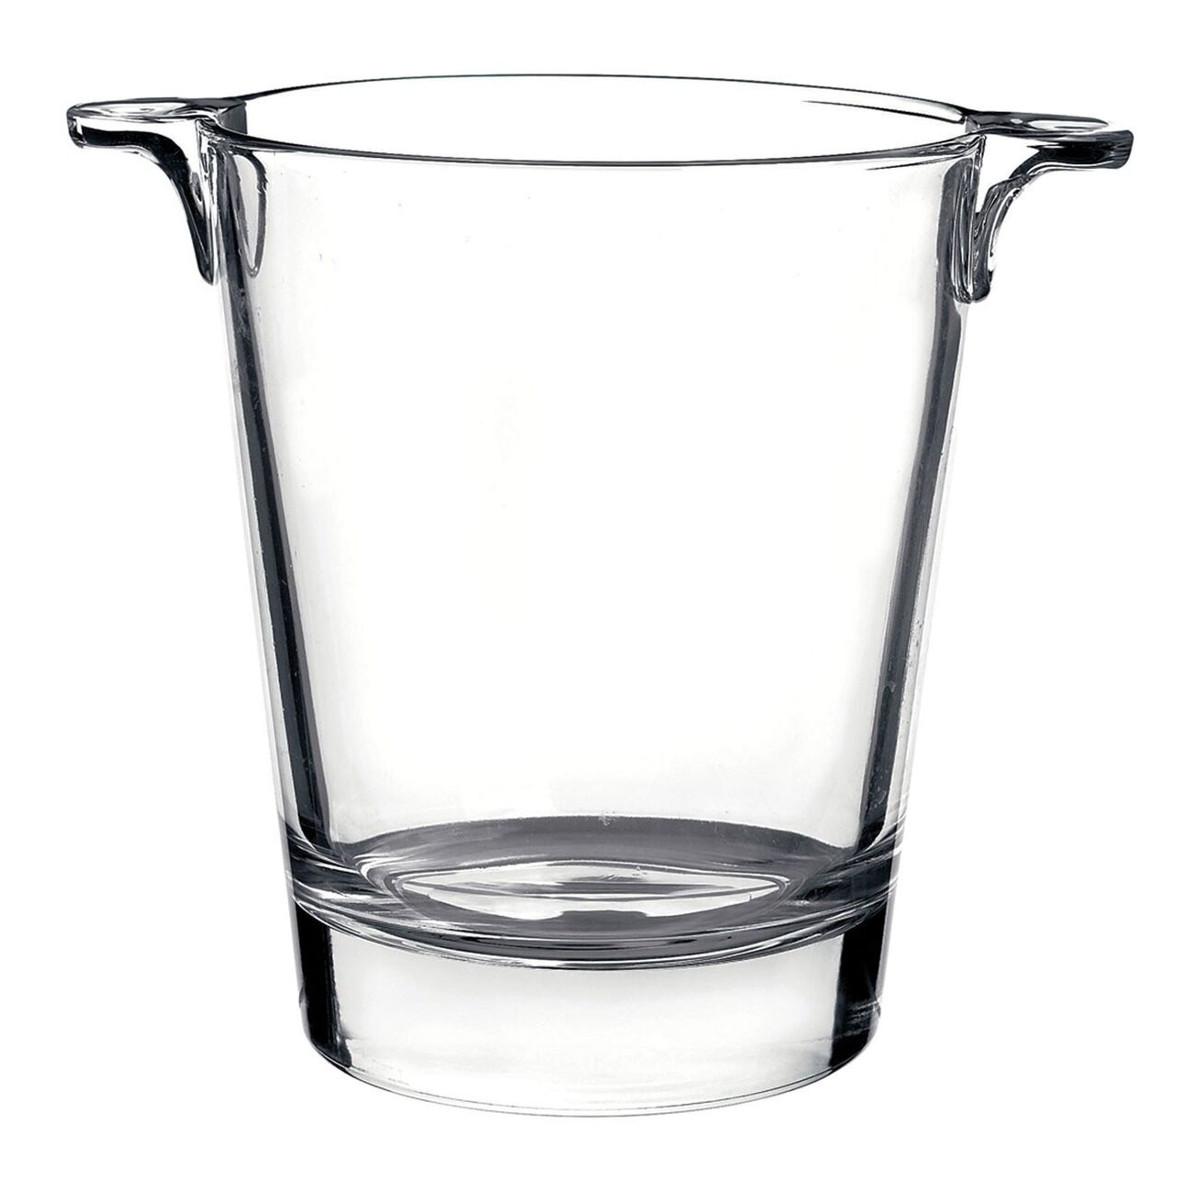 Ypsilon Ice Bucket  - 43.875 oz - Clear